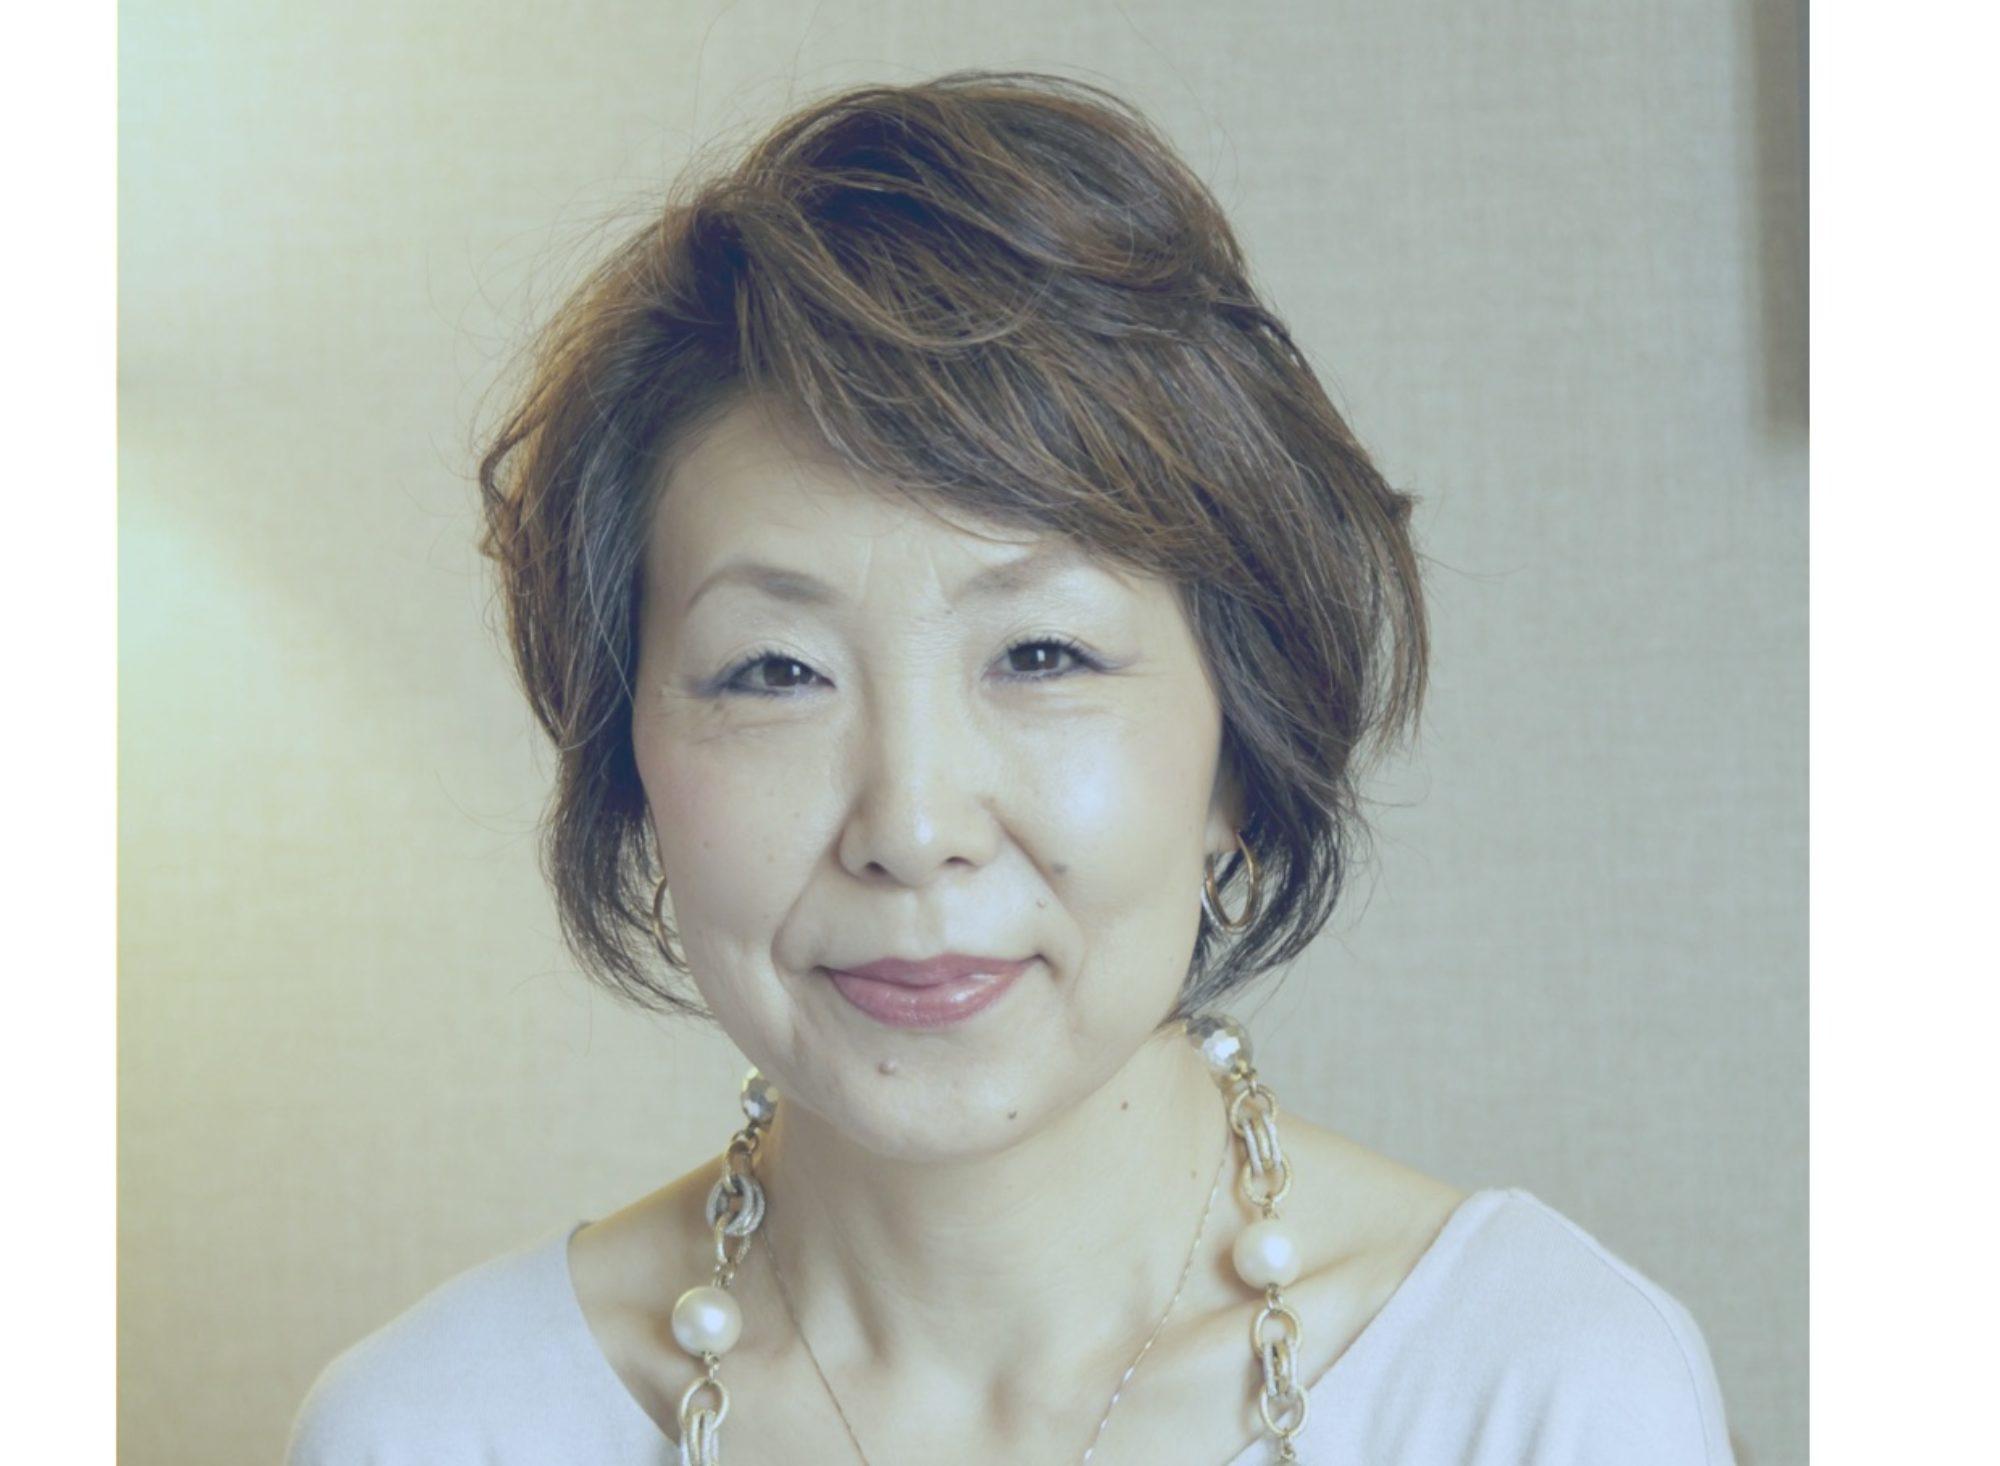 Hiroco Kanematsu